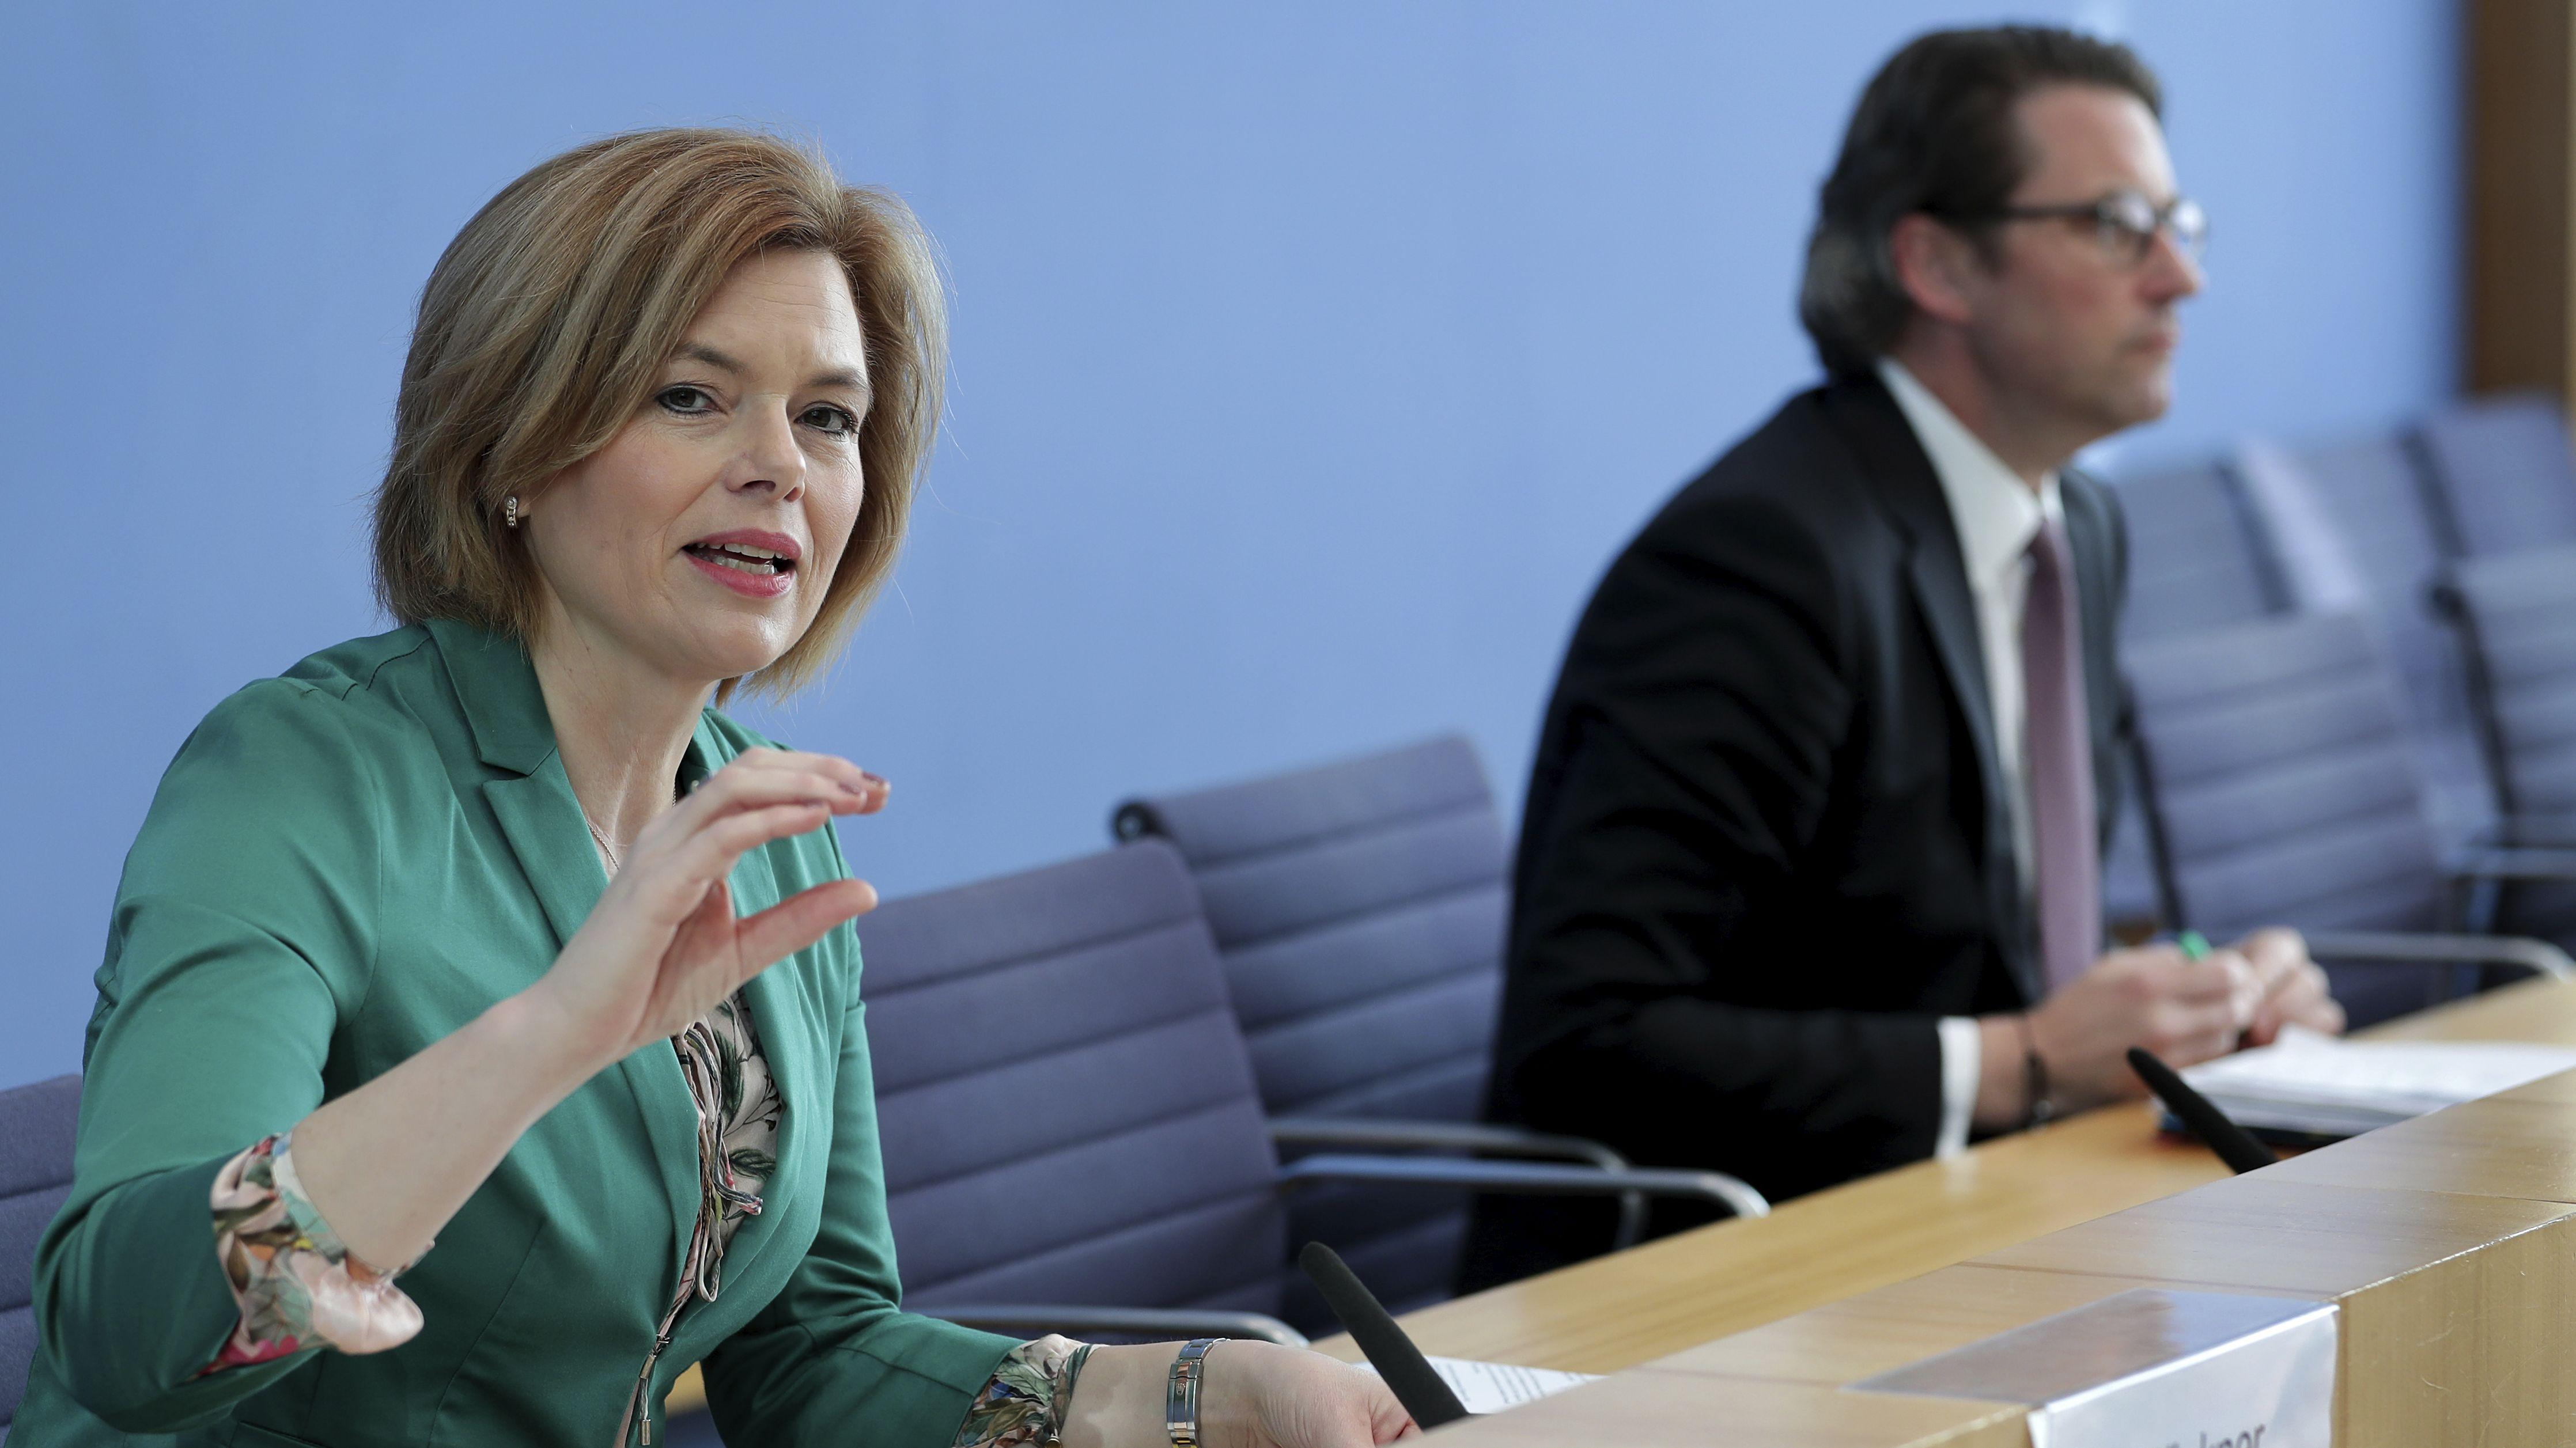 Bundeslandwirtschaftsministerin Julia Klöckner mit Andreas Scheuer auf der Pressekonferenz am 26.03.2020.